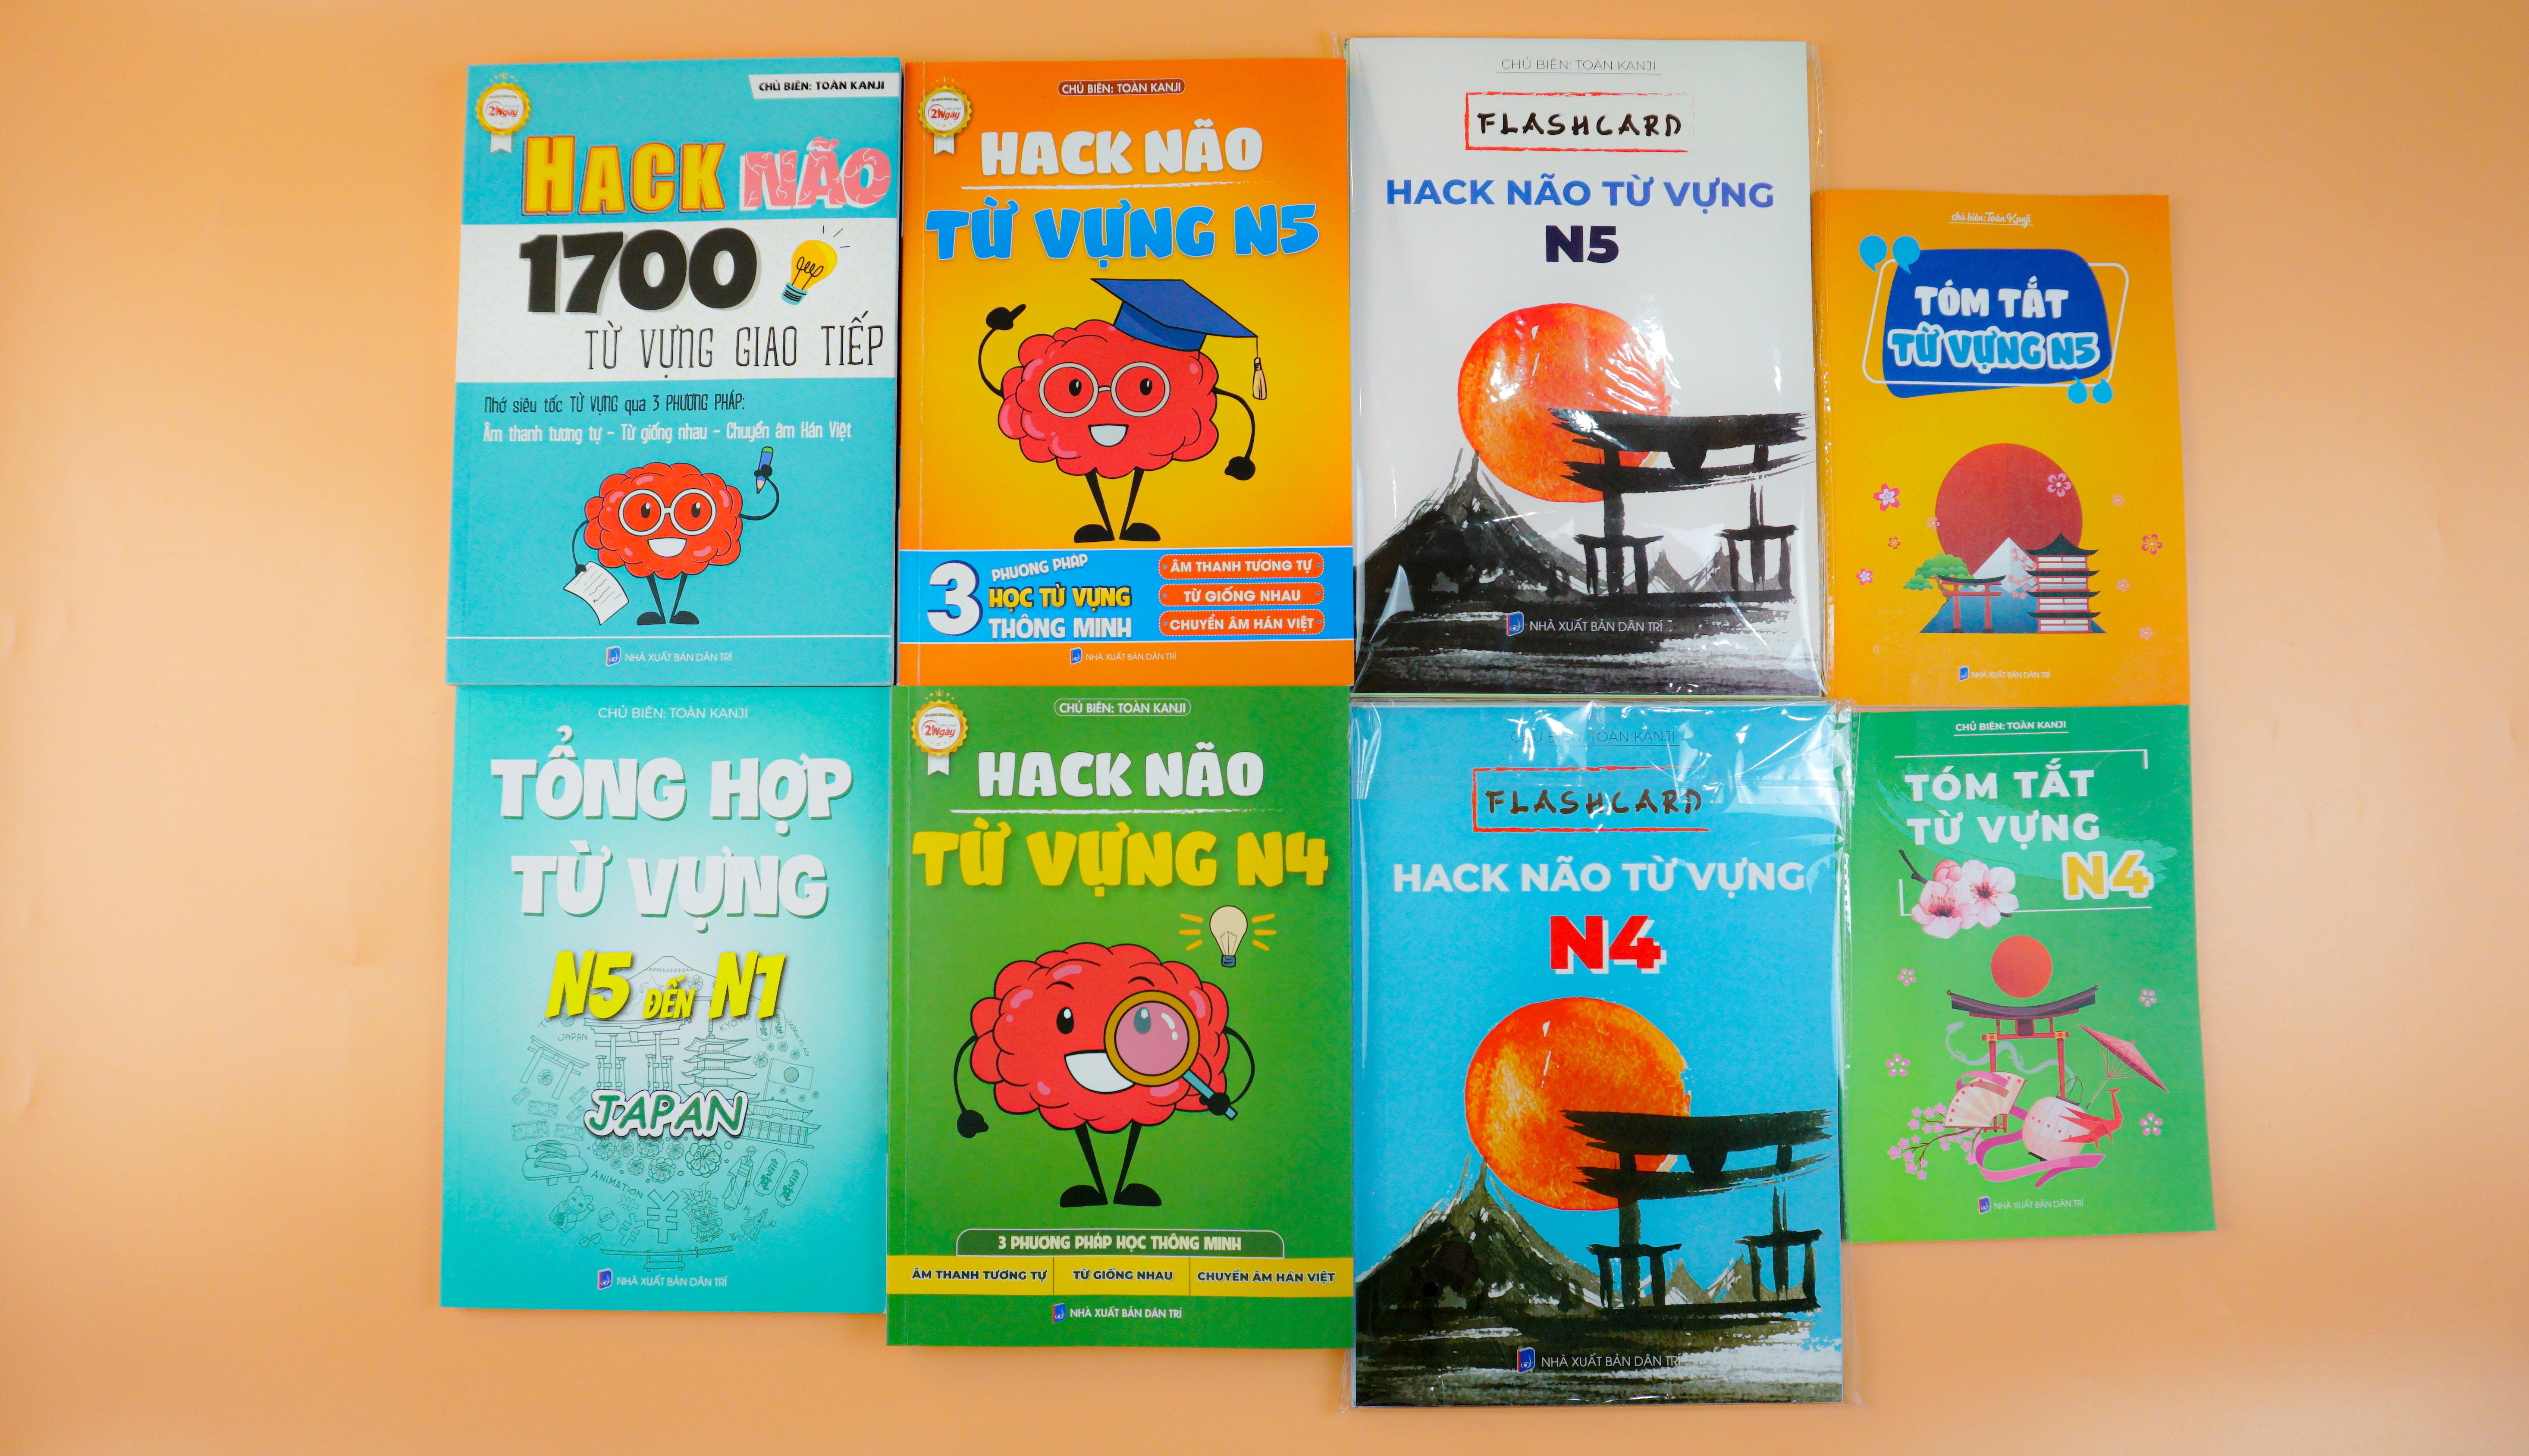 COMBO HACK NÃO TỪ VỰNG TIẾNG NHẬT N5 + N4 + 1700 TỪ VỰNG GIAO TIẾP TIẾNG NHẬT - Ghi nhớ siêu tốc từ vựng qua 3 phương pháp ÂM THANH TƯƠNG TỰ - TỪ GIỐNG NHAU VÀ CHUYỂN ÂM HÁN VIỆT